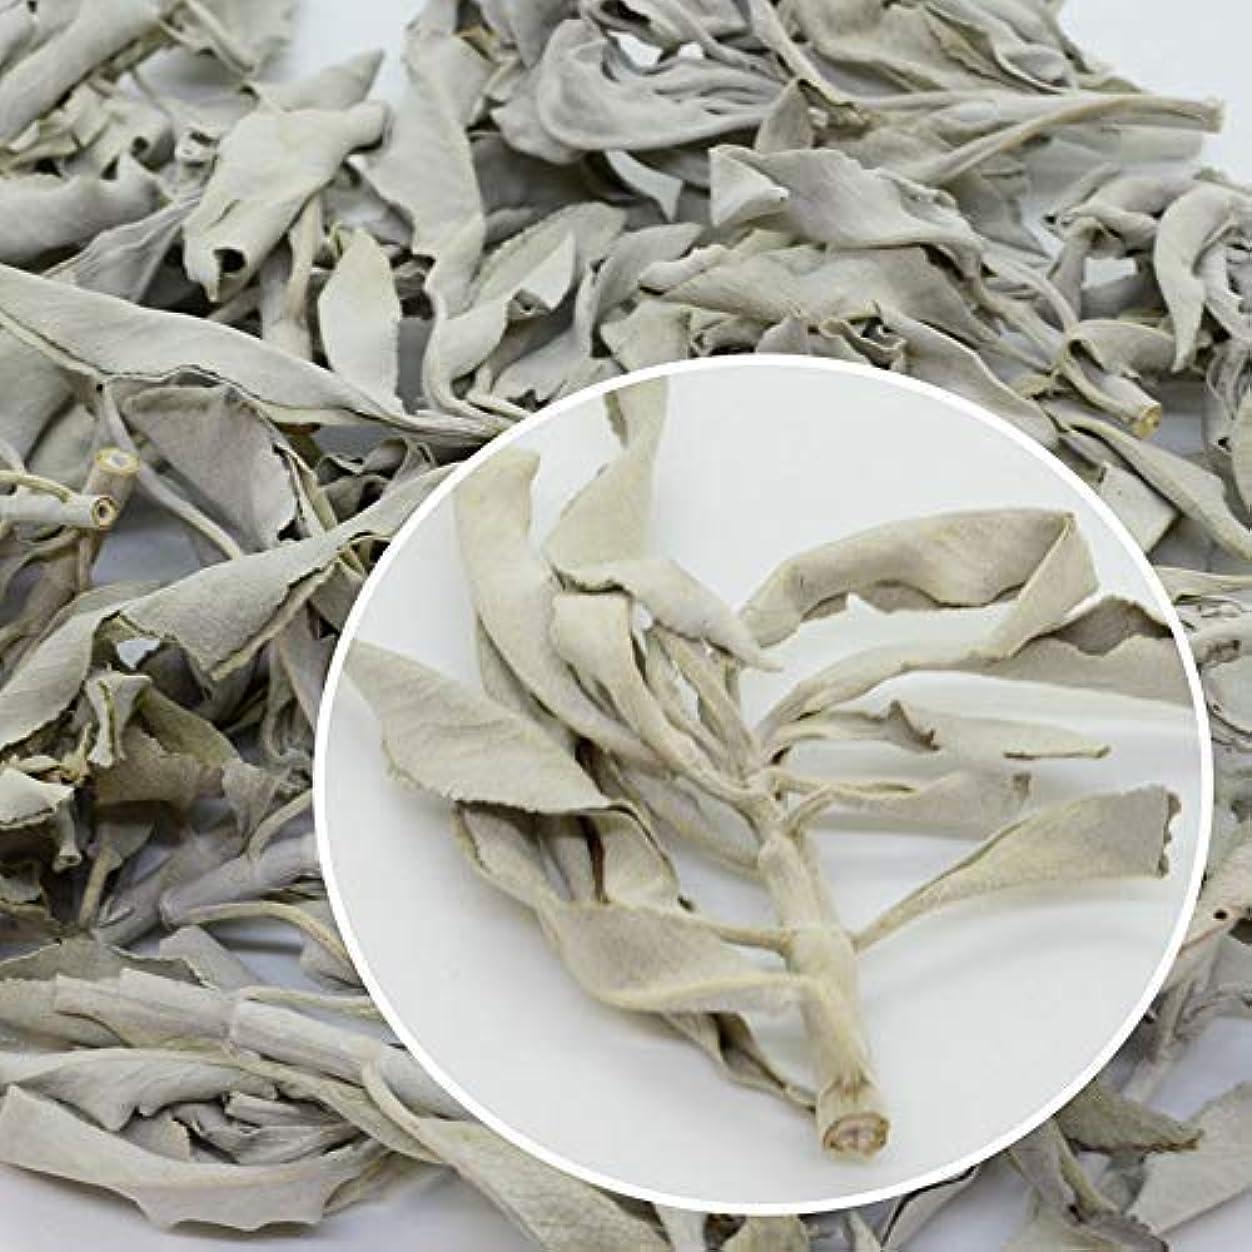 考古学運ぶハッチ高品質 無農薬 ホワイトセージ クラスター (枝付き) 10gカリフォルニア産 浄化用 お香に